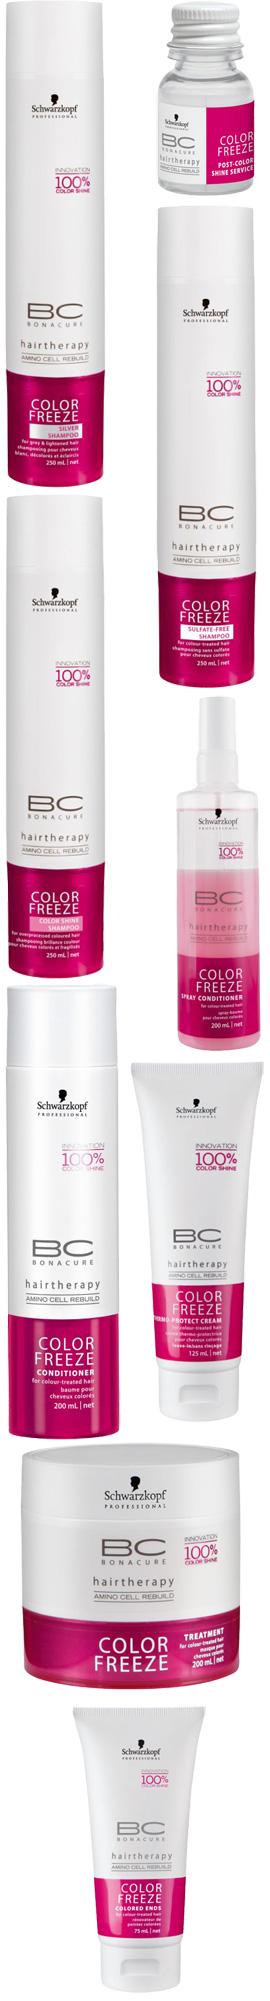 שוורצקופף פרופשיונל - BC Color Freeze